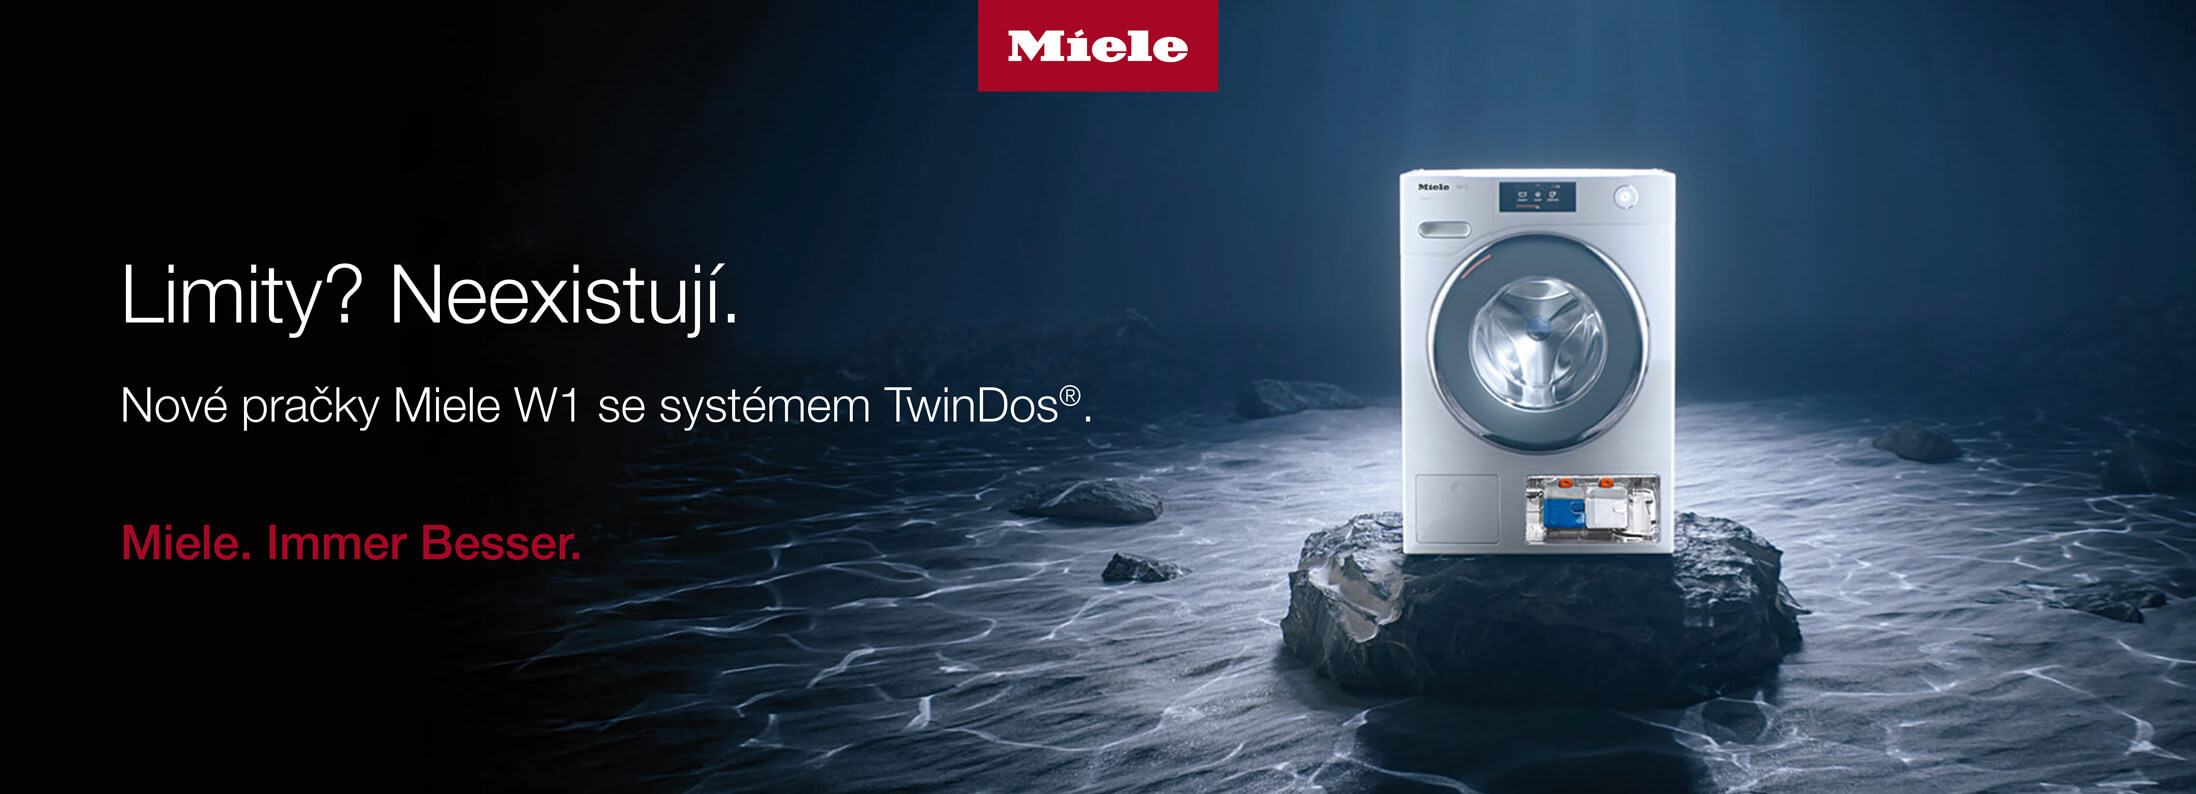 Miele - Nové pračky W1 se systémem TwinDos